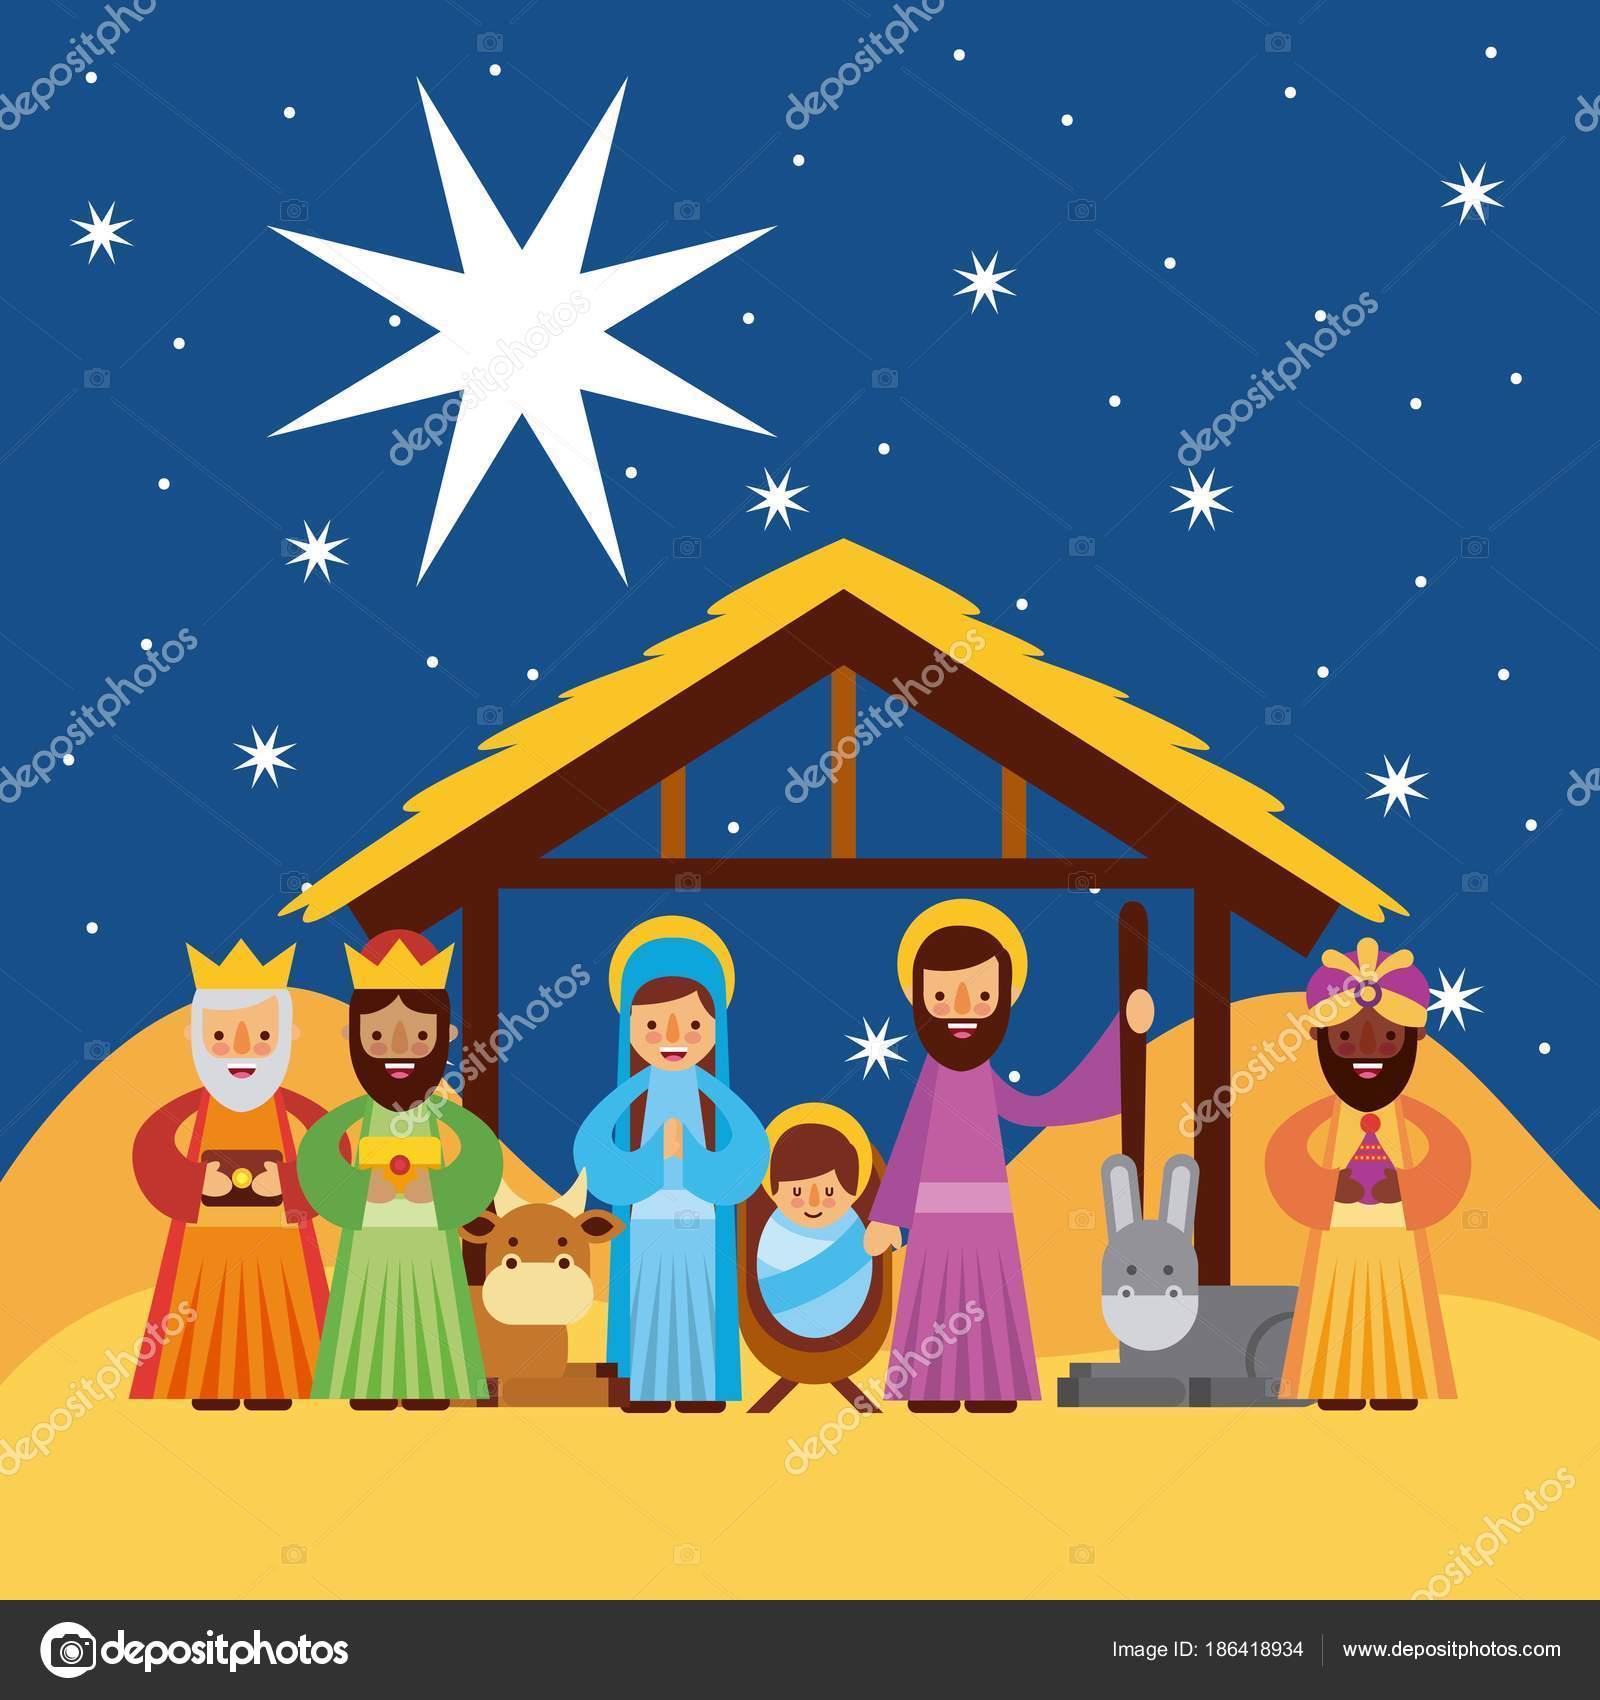 Fotos De El Pesebre De Jesus.Imagenes Pesebres Navidad Saludos De Navidad Feliz Con